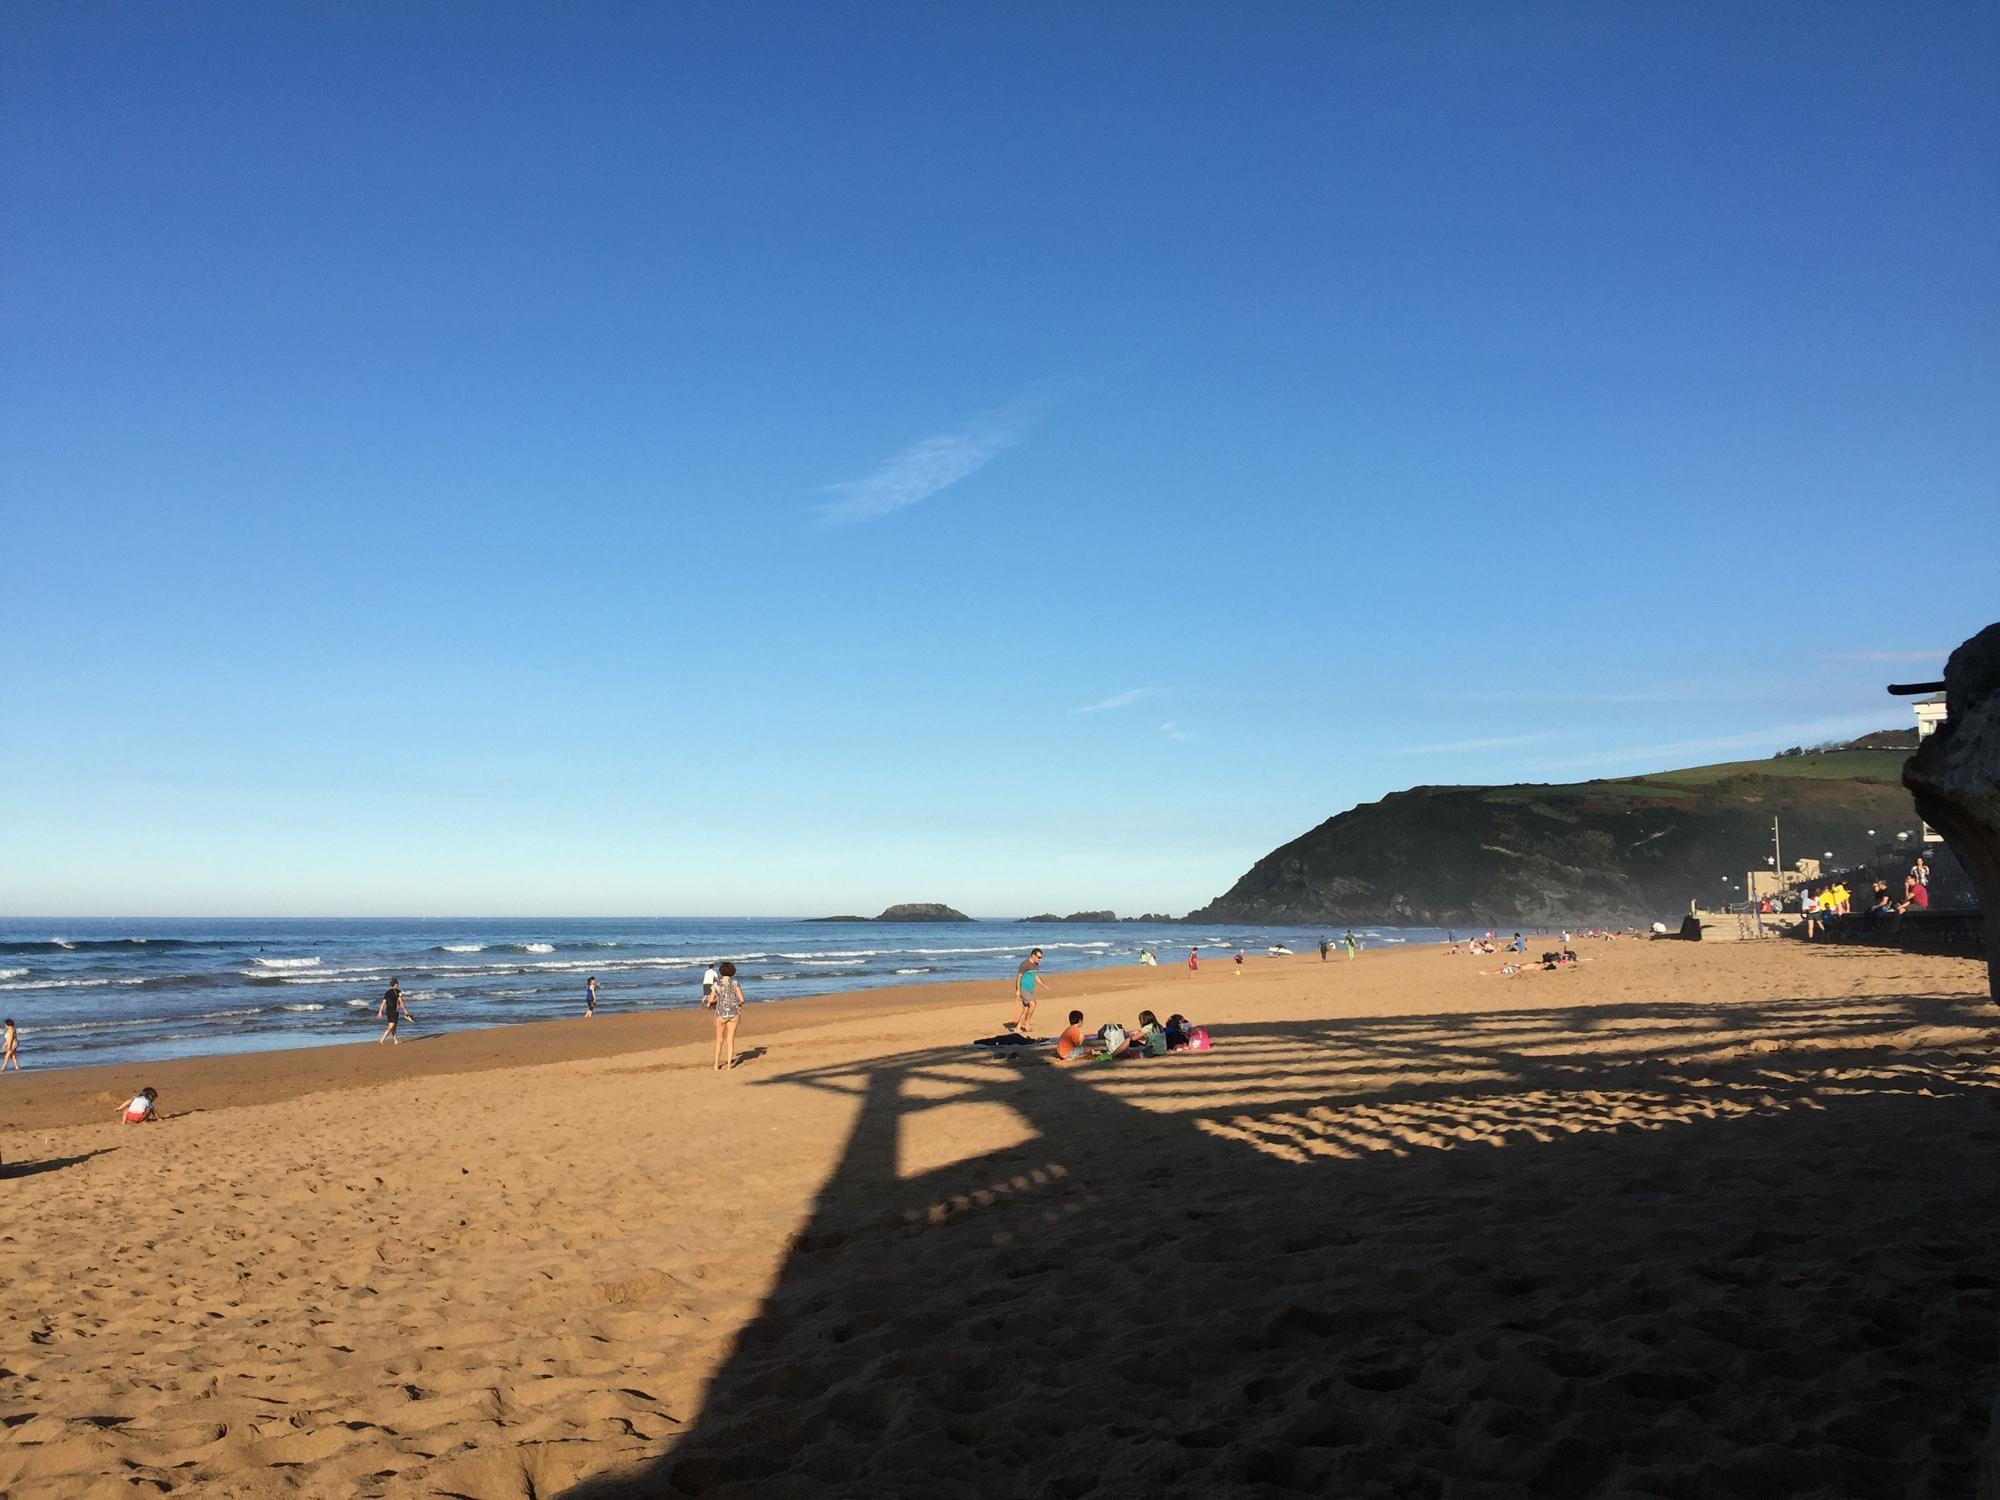 Strand von Rarautz, Baskenland